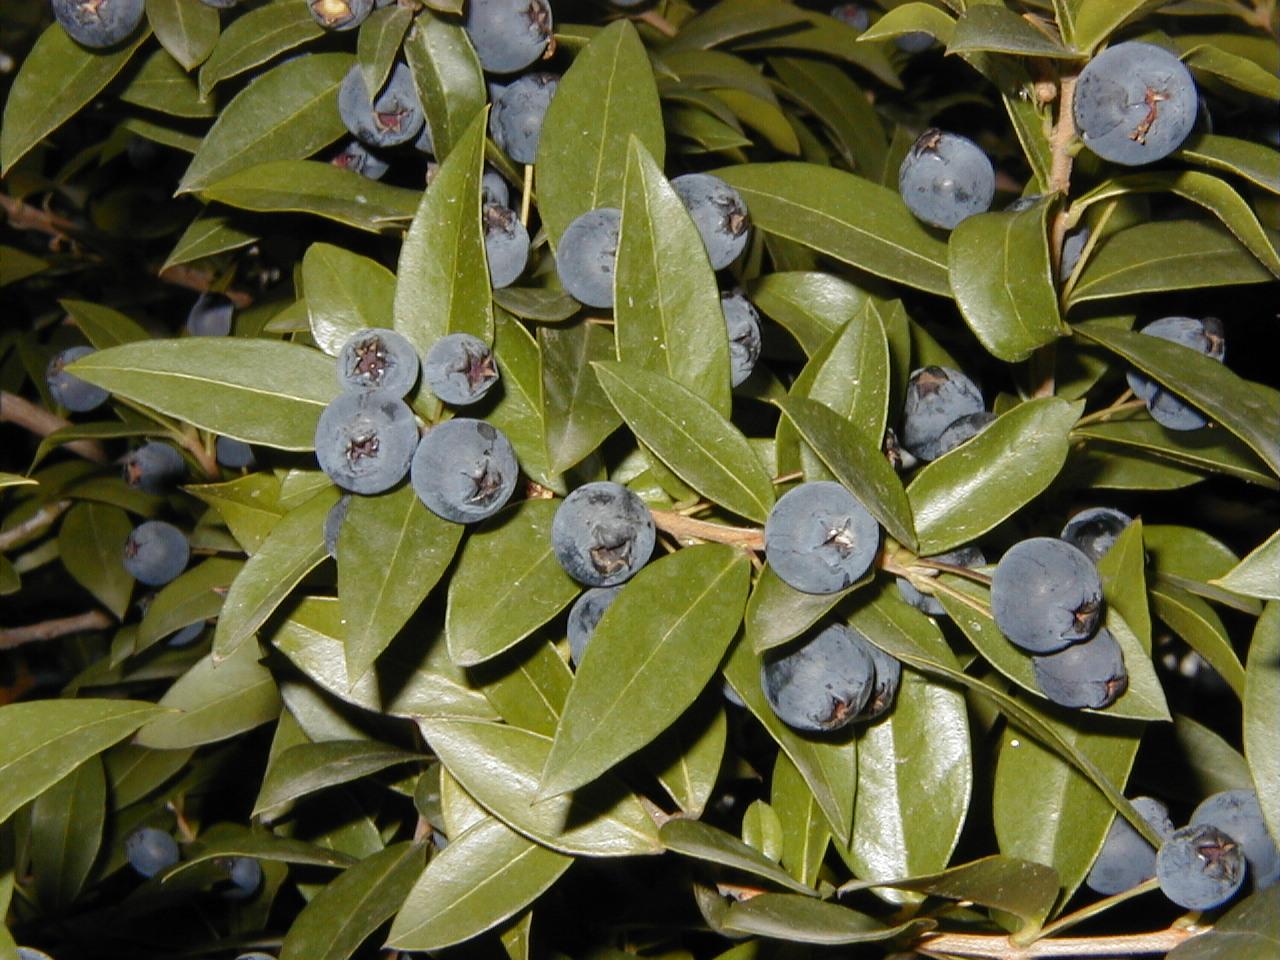 Archivo:Myrtus communis RJB.jpg - Wikipedia, la enciclopedia libre